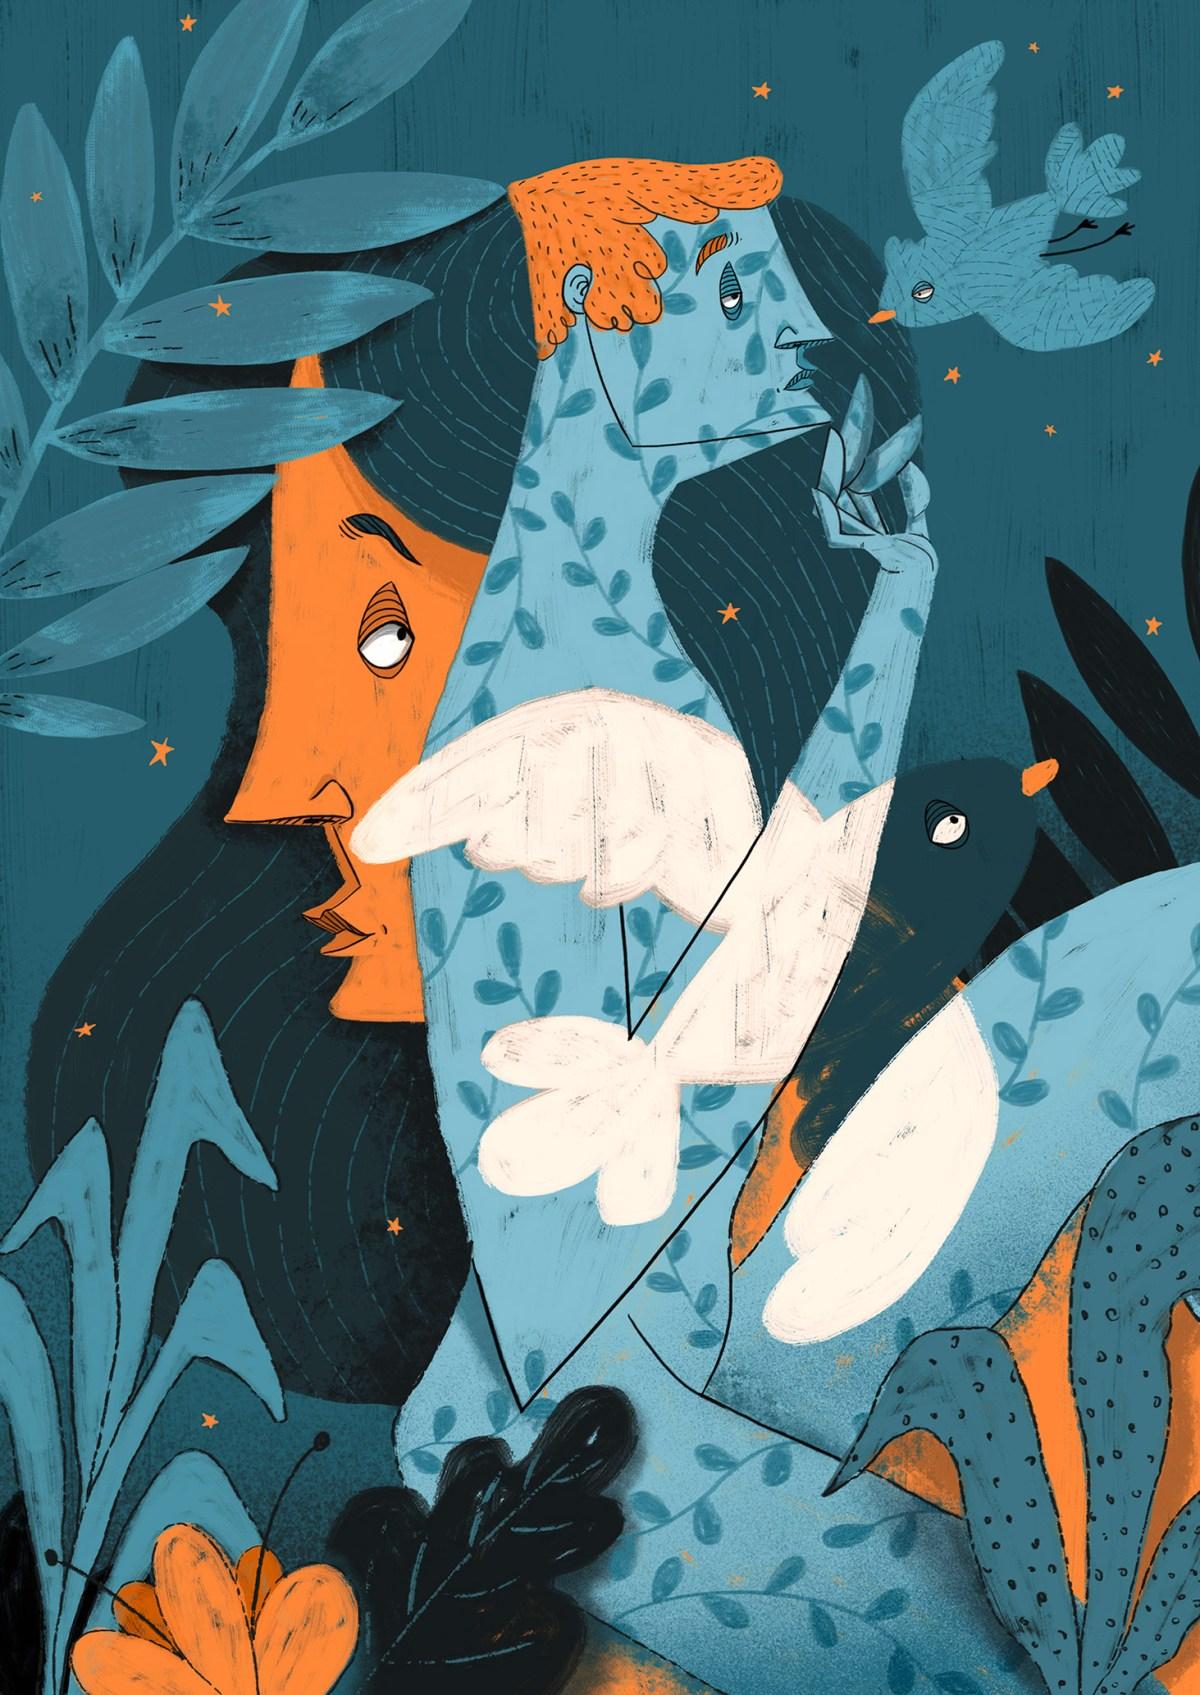 illustration-mete-kaplan-eker-09